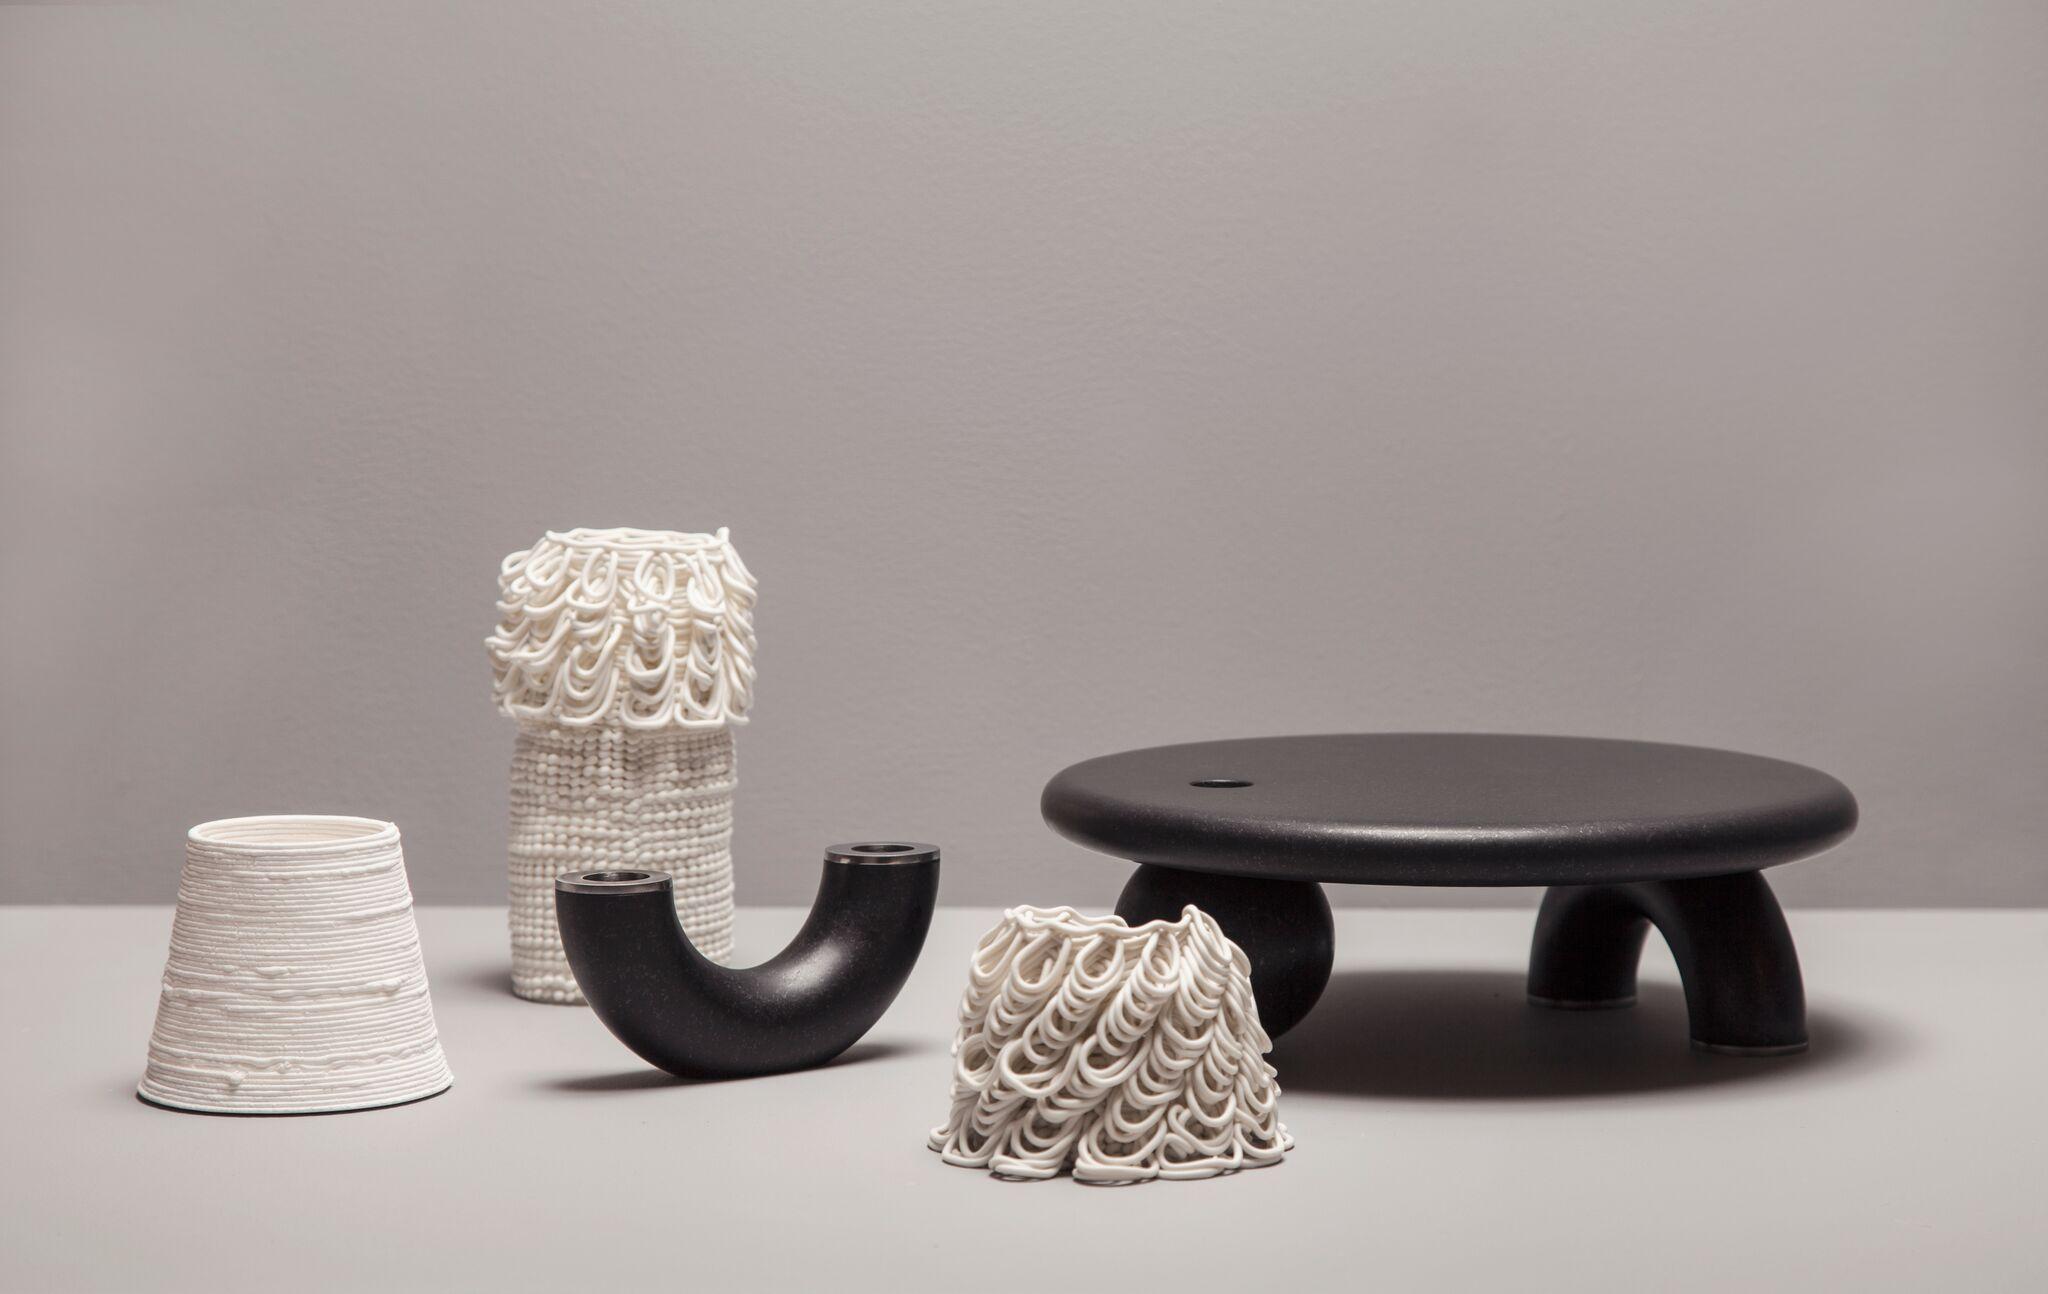 Rephrasals - A design relay between Finnish design studio Aalto+Aalto and Swedish designer Petra Lilja >>>